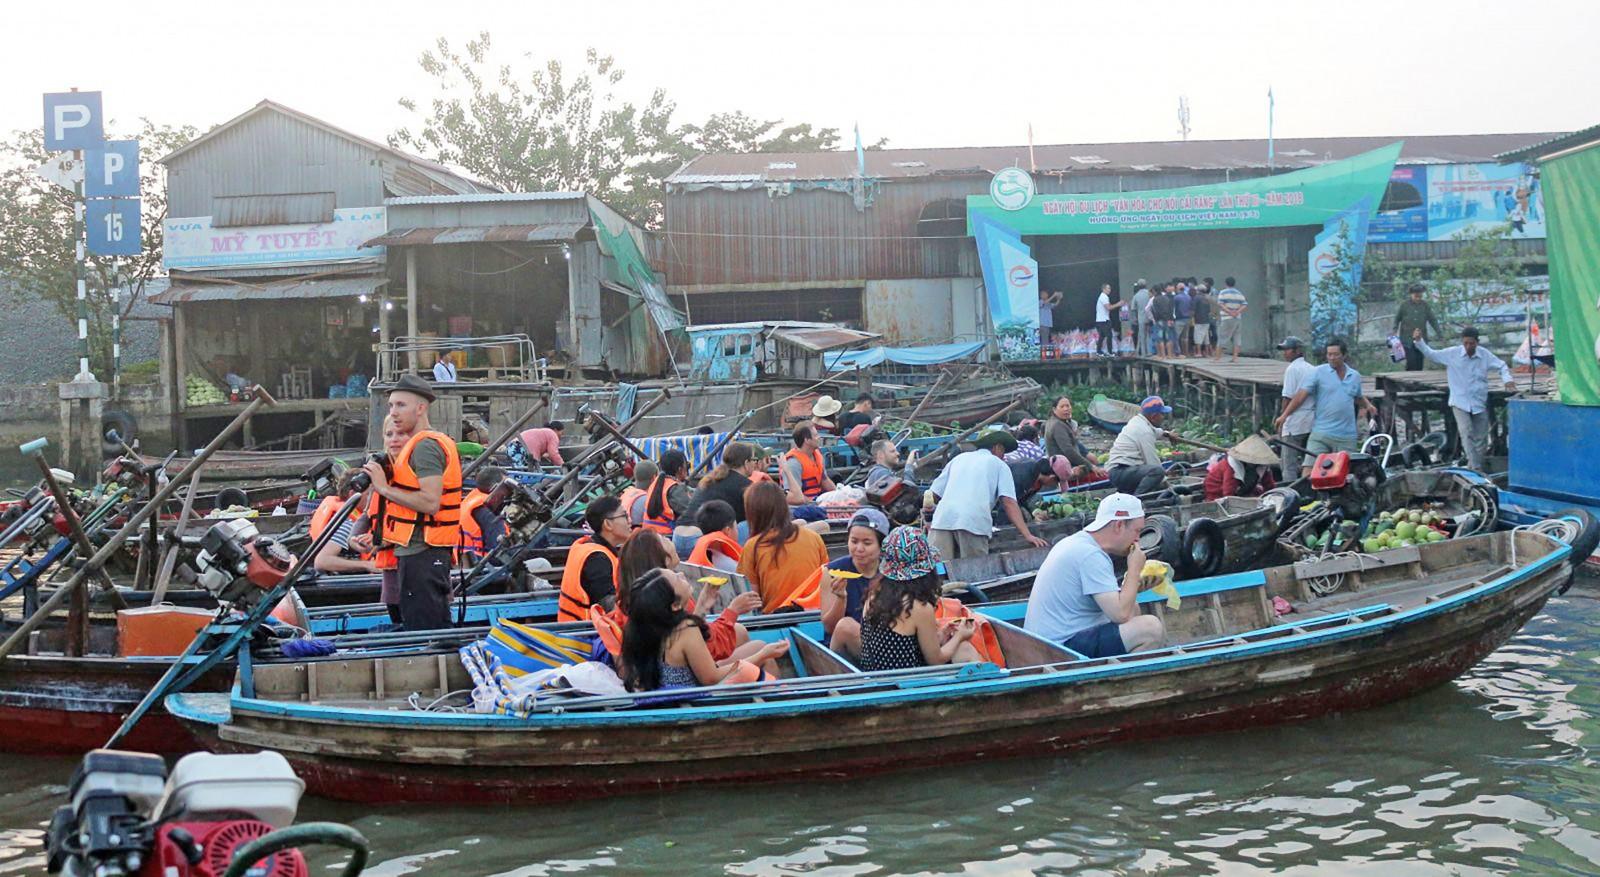 Trạm dừng chân chợ nổi Cái Răng sẽ là điểm chính diễn ra Ngày hội.